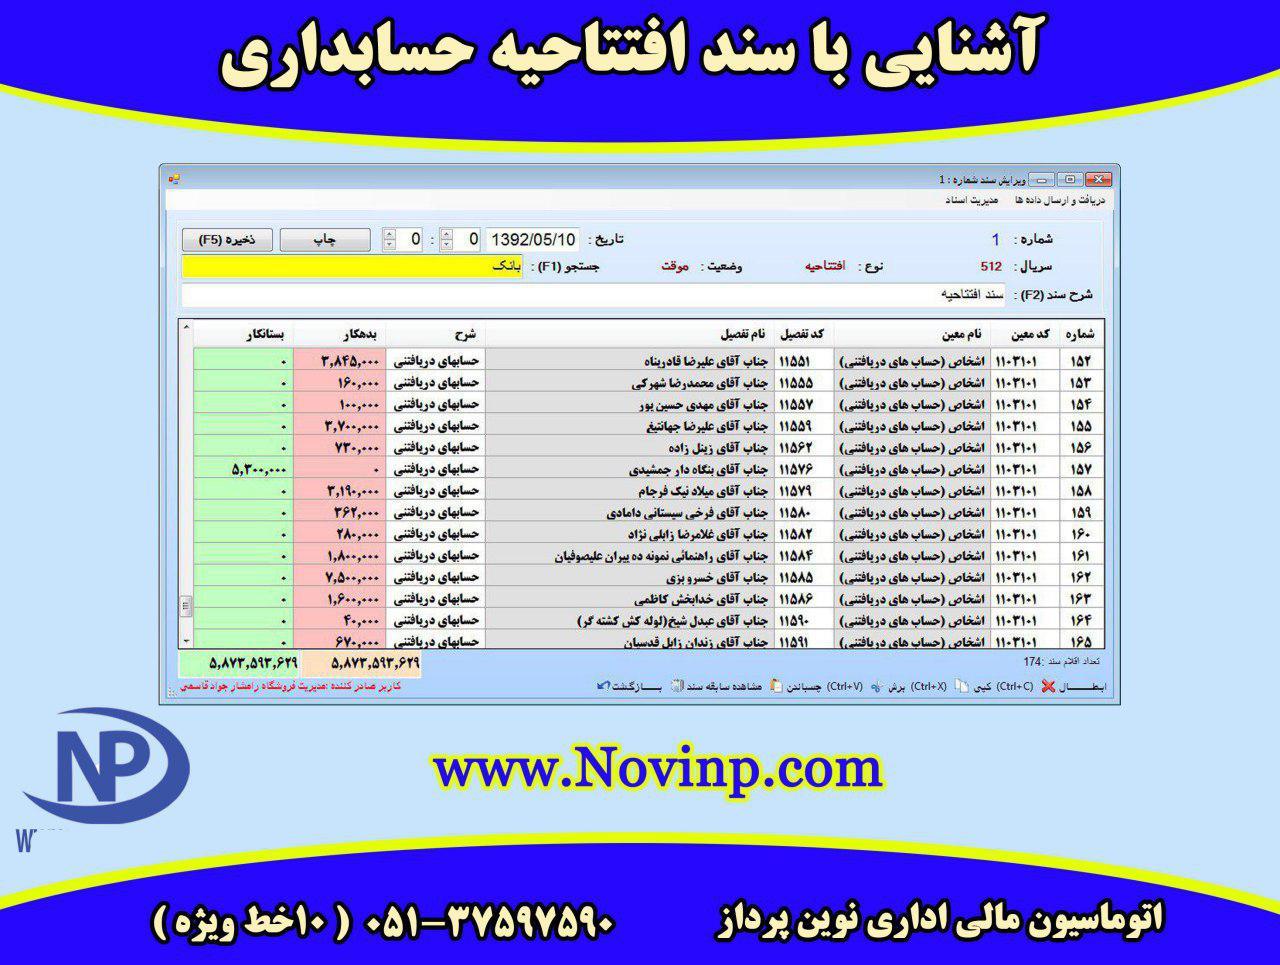 آشنایی باسند افتتاحیه حسابداری نوین پرداز